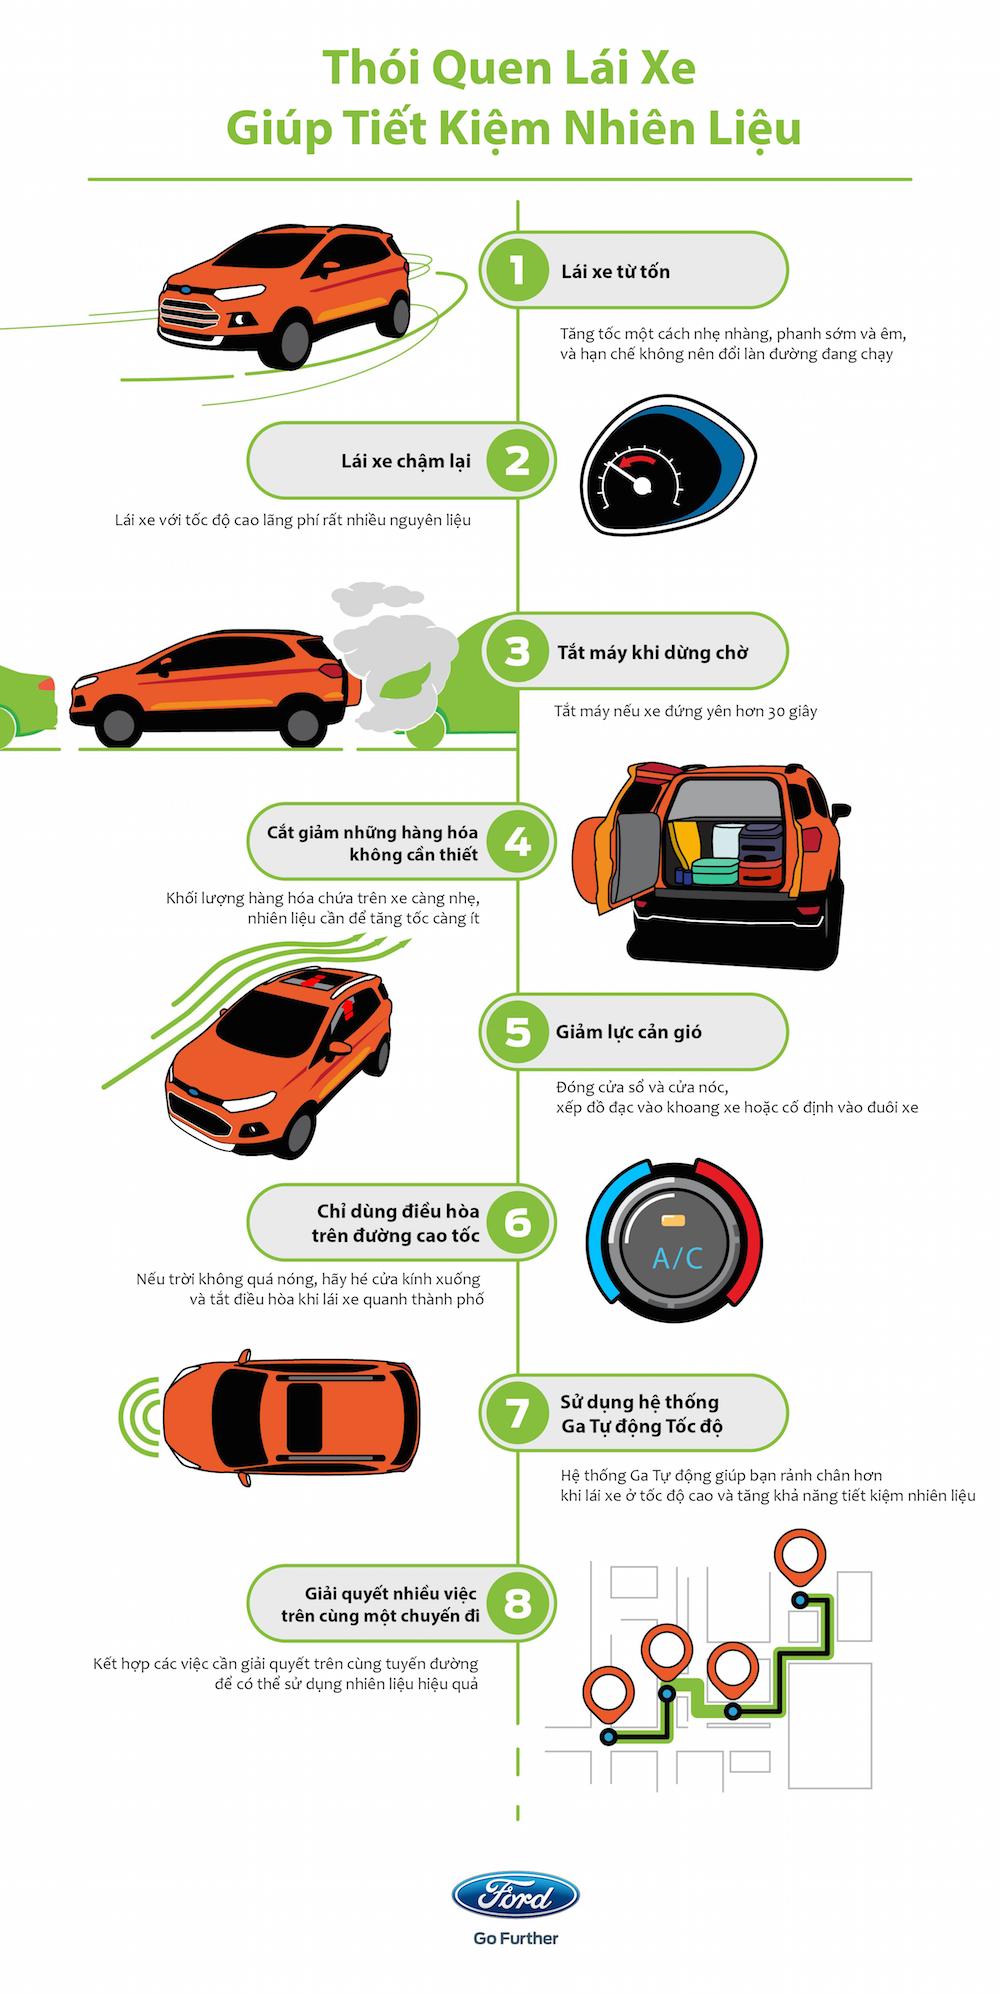 fuel-efficiency-tips-infographic-en.png